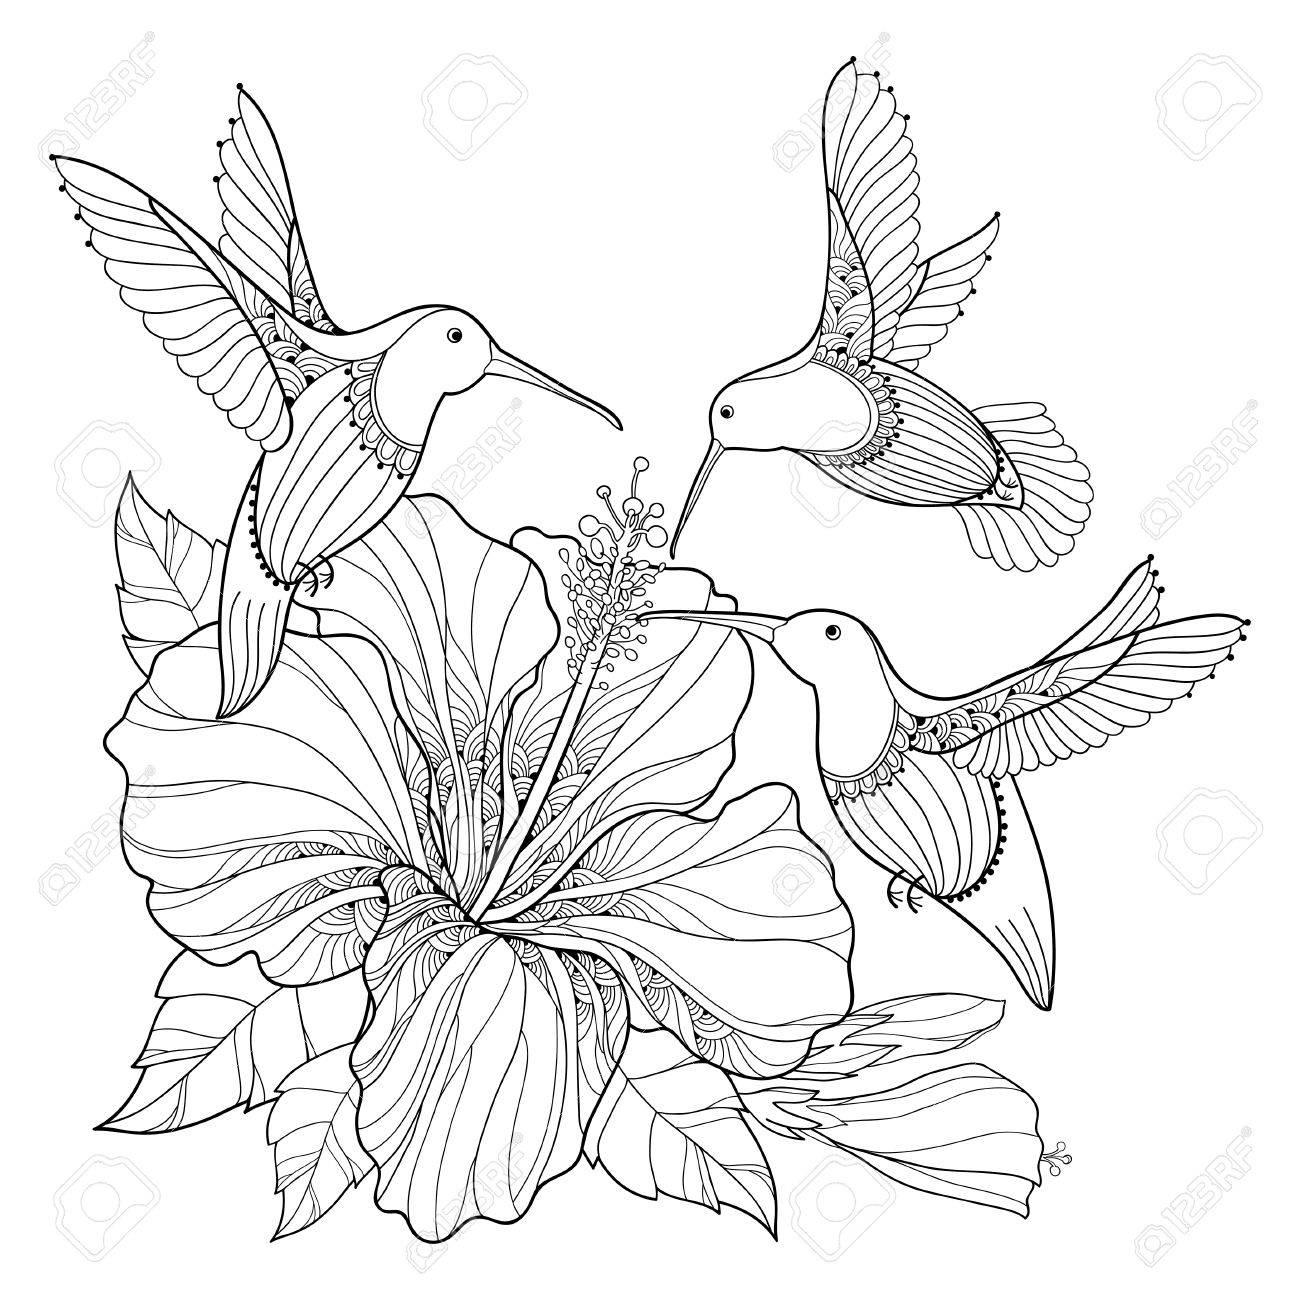 Fliegender Kolibri Oder Colibri Und Aufwändiger Hibiscus Im ...